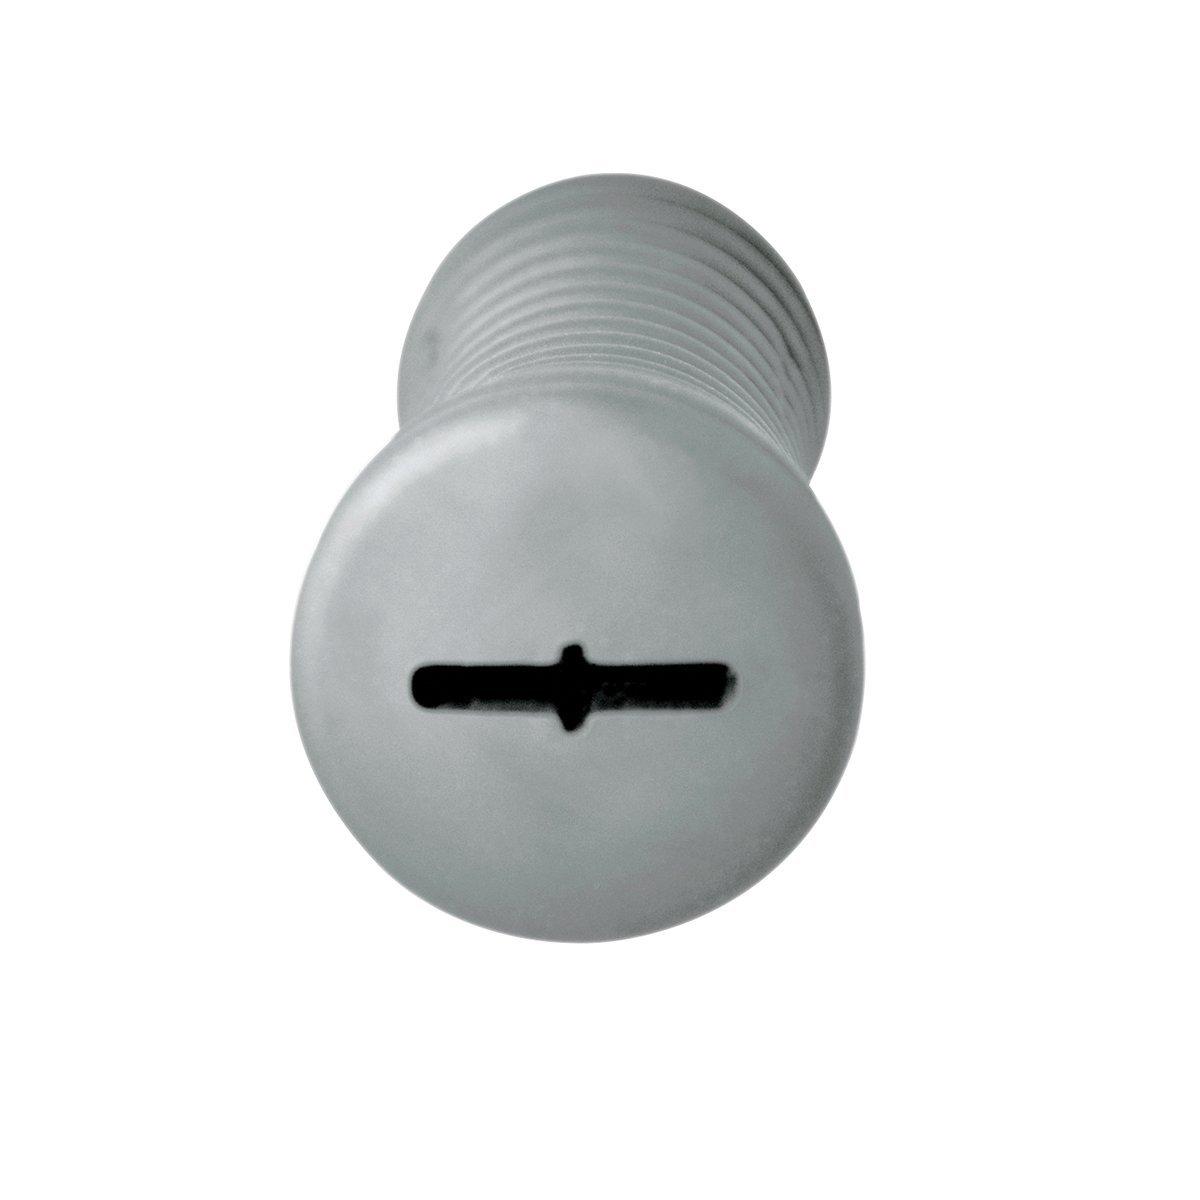 Utensílios que facilitam as refeições de pessoas com necessidades especiais Universal Built-up handle (4) unidades2